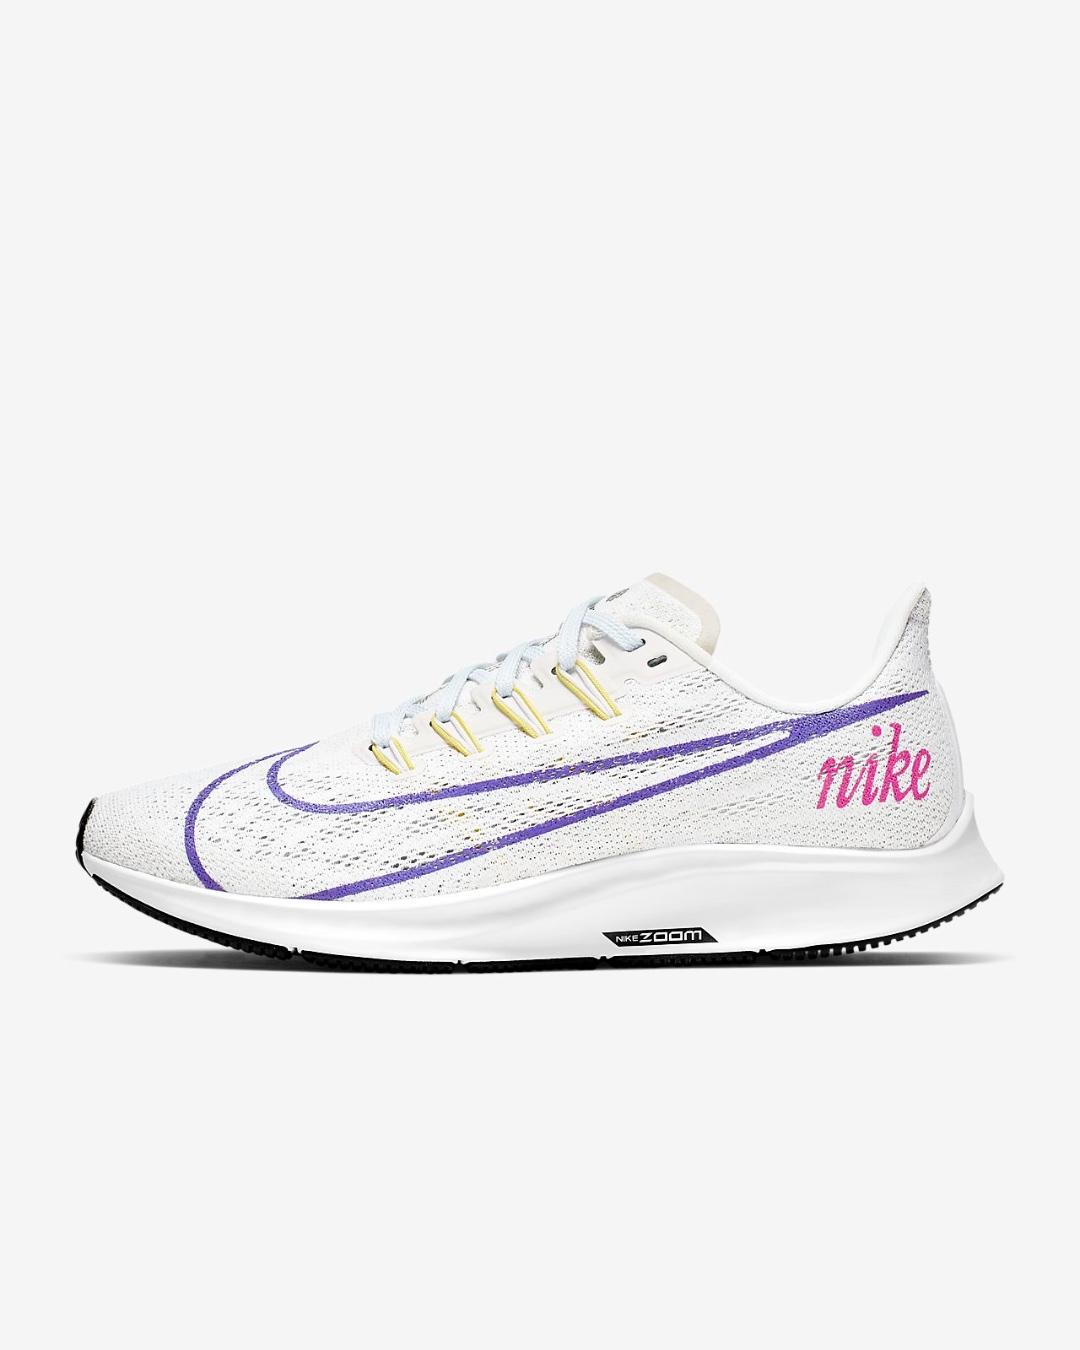 Nike Air Zoom pegaus 26 JDI Bianca Donna